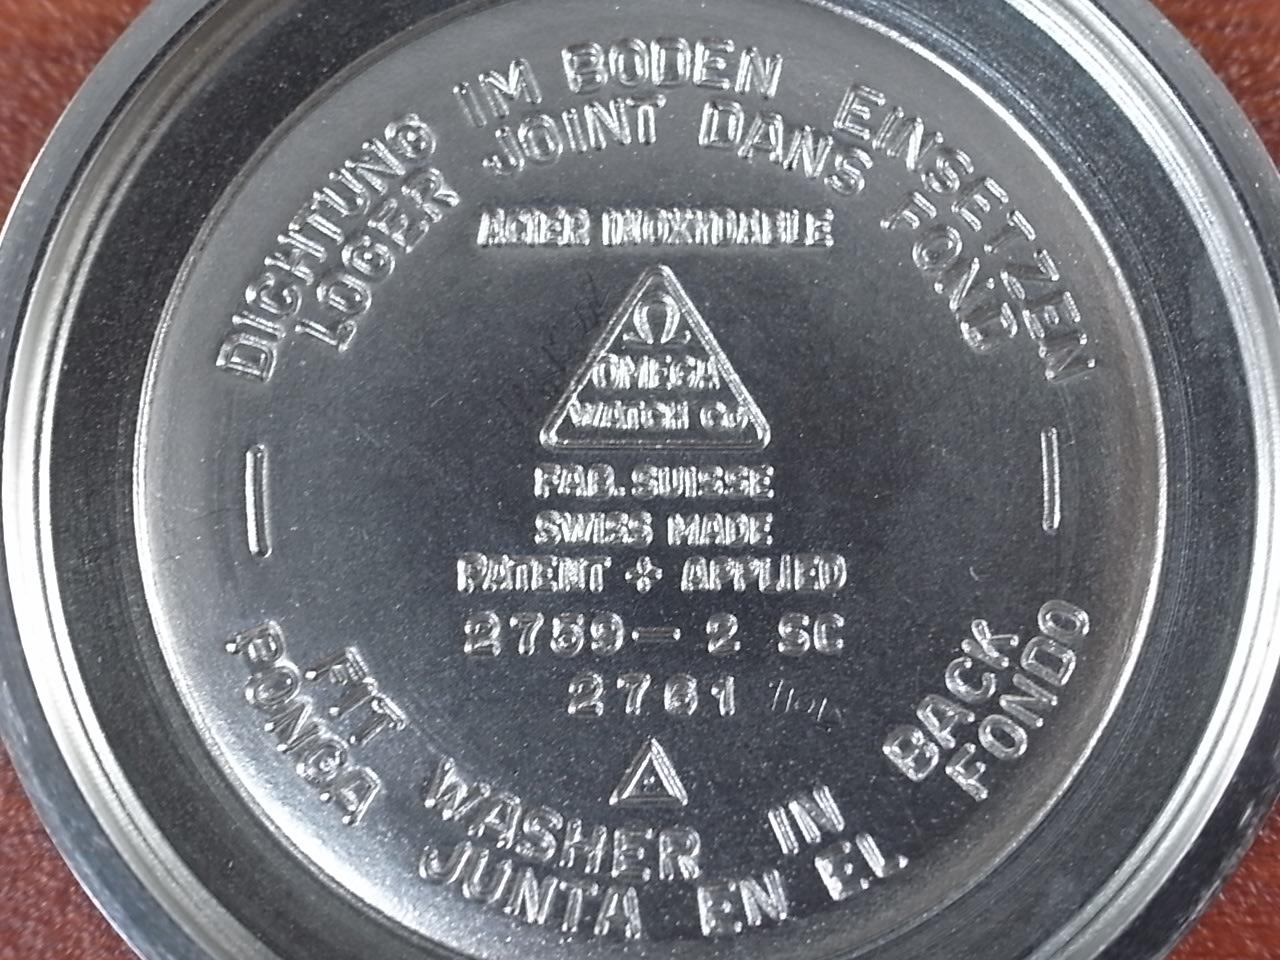 オメガ シーマスター チューラーWネーム スナップ防水ケースの写真6枚目